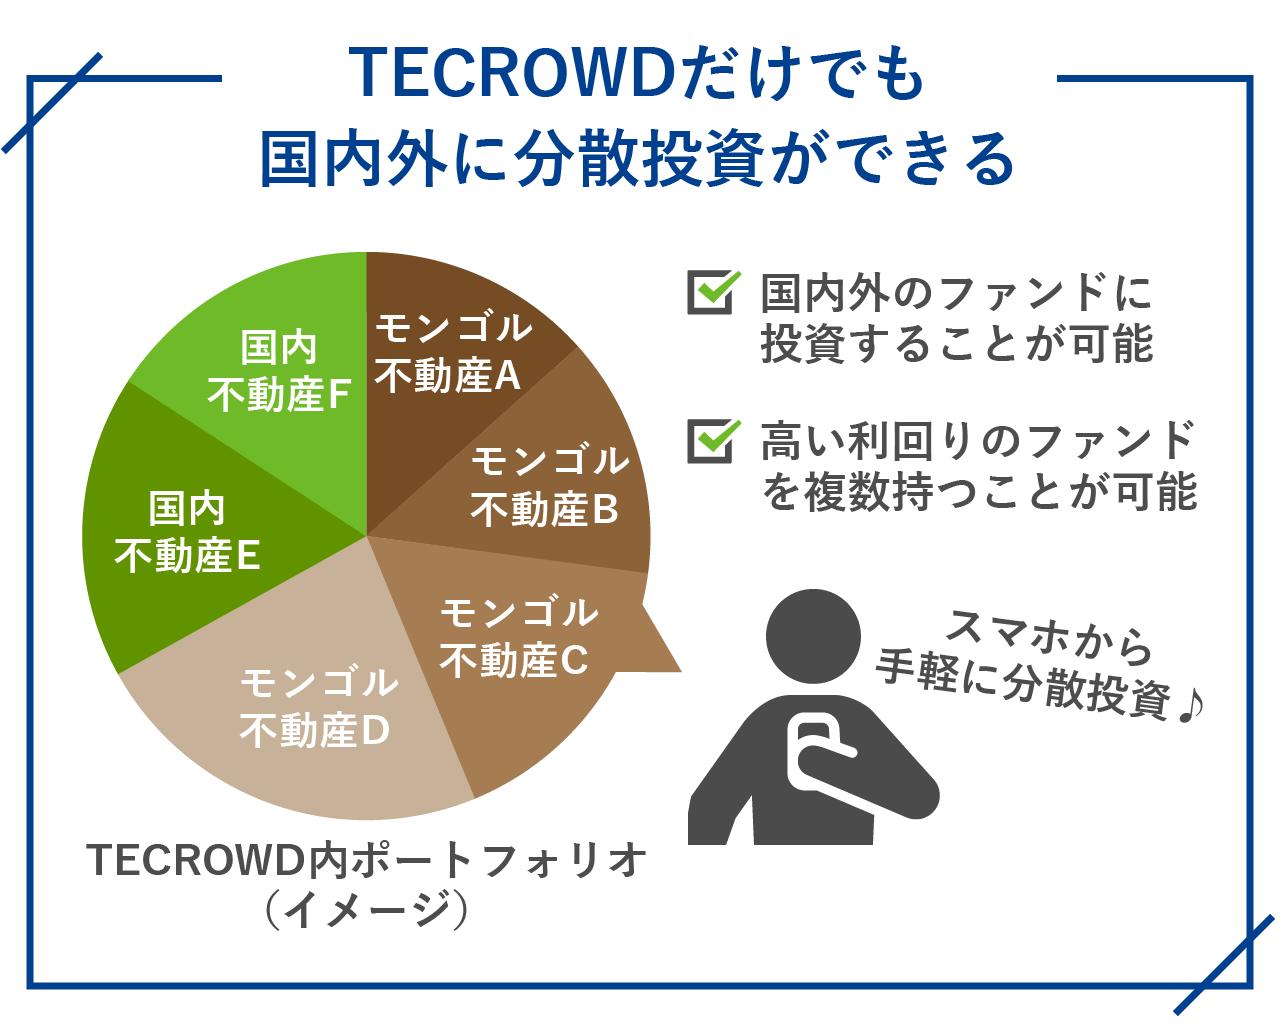 TECROWDだけでも国内外に分散投資ができる